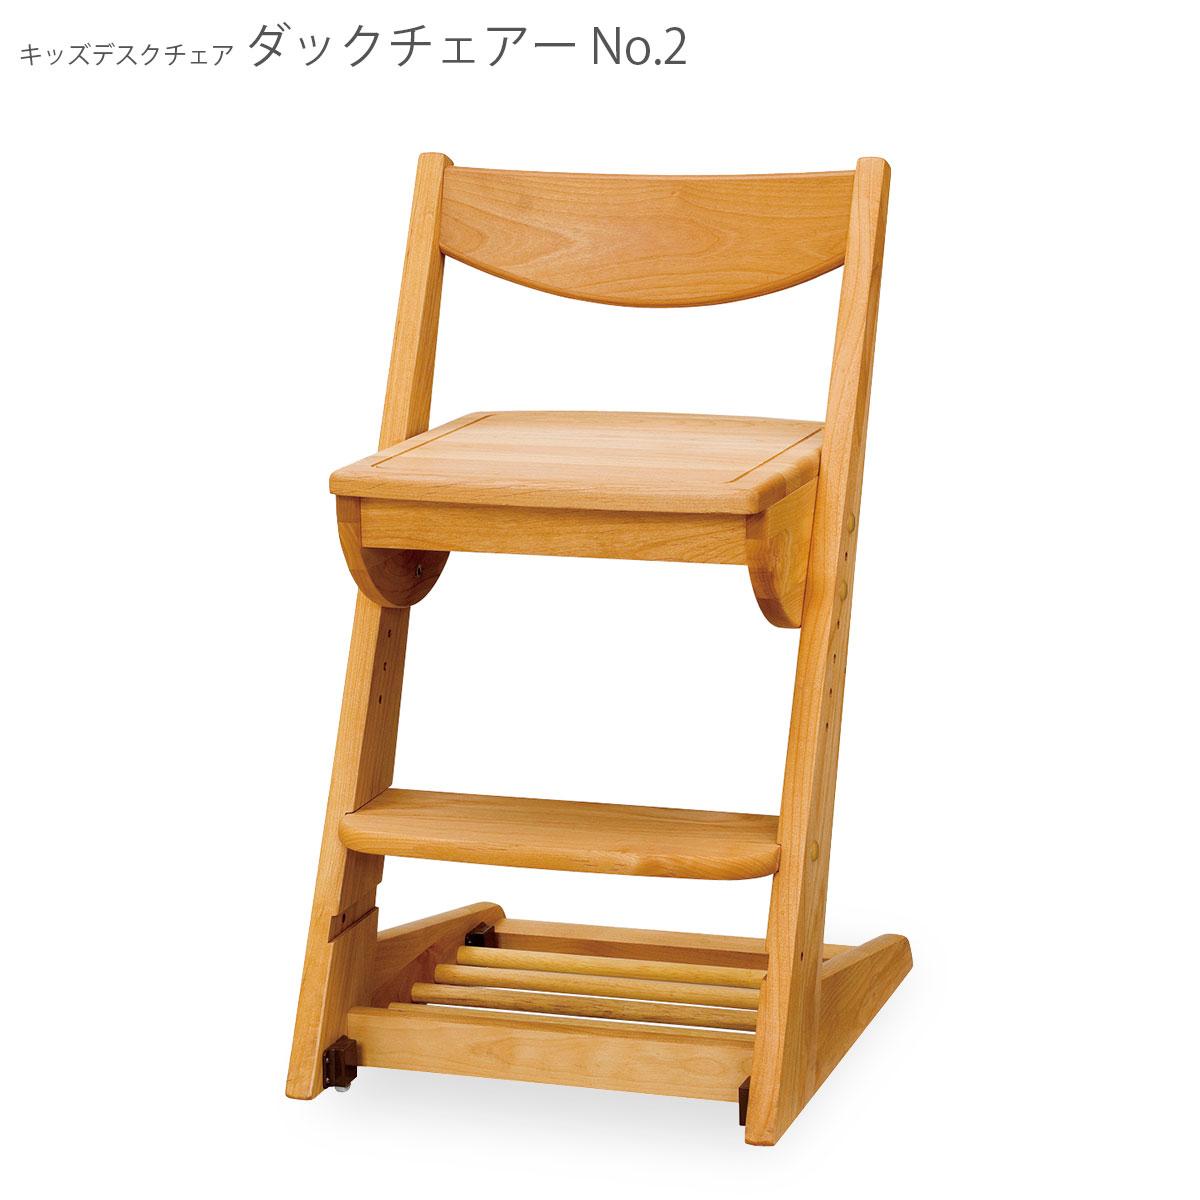 堀田木工所 2018年モデル ダックチェアー NO.2 学習椅子 日本製 国産 送料無料